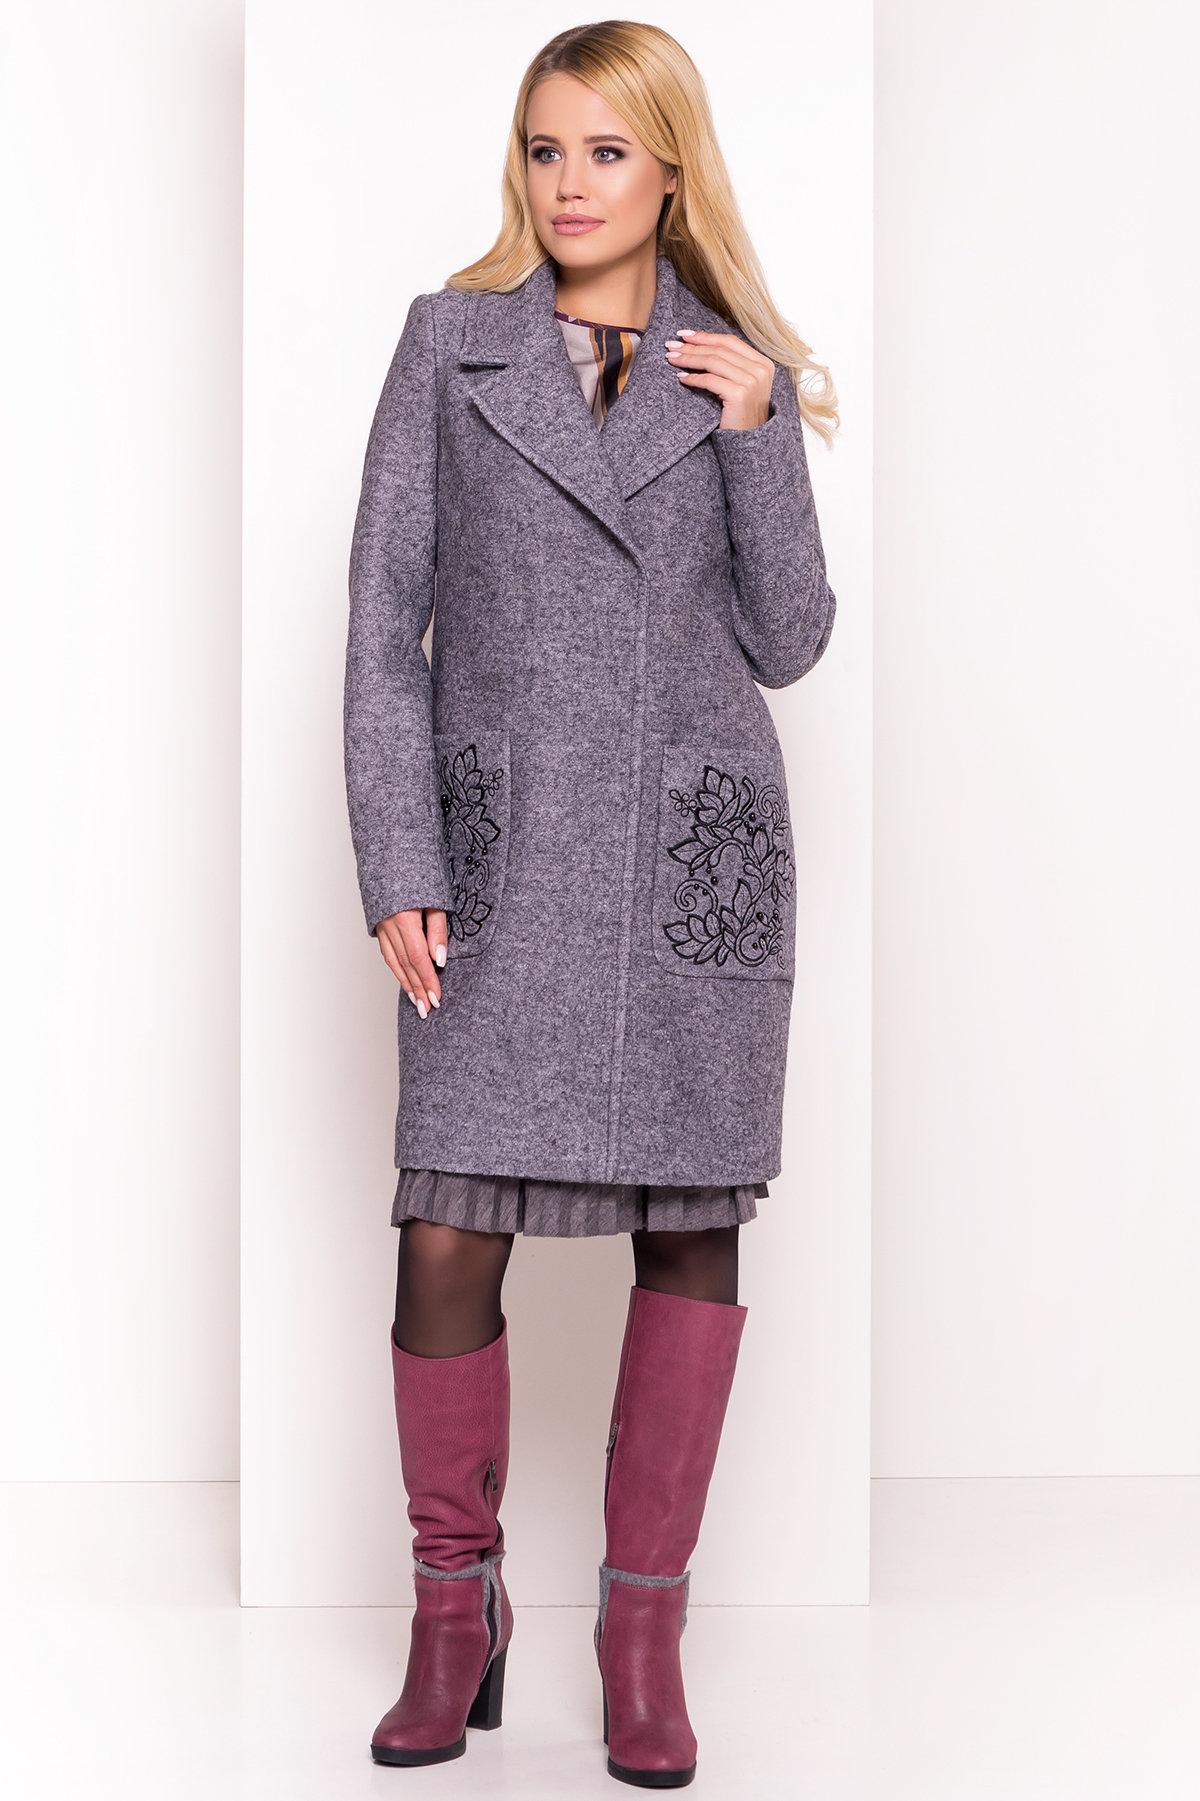 Демисезонное пальто из варенной шерсти Милена 5273 АРТ. 36892 Цвет: Серый Темный LW-47 - фото 4, интернет магазин tm-modus.ru